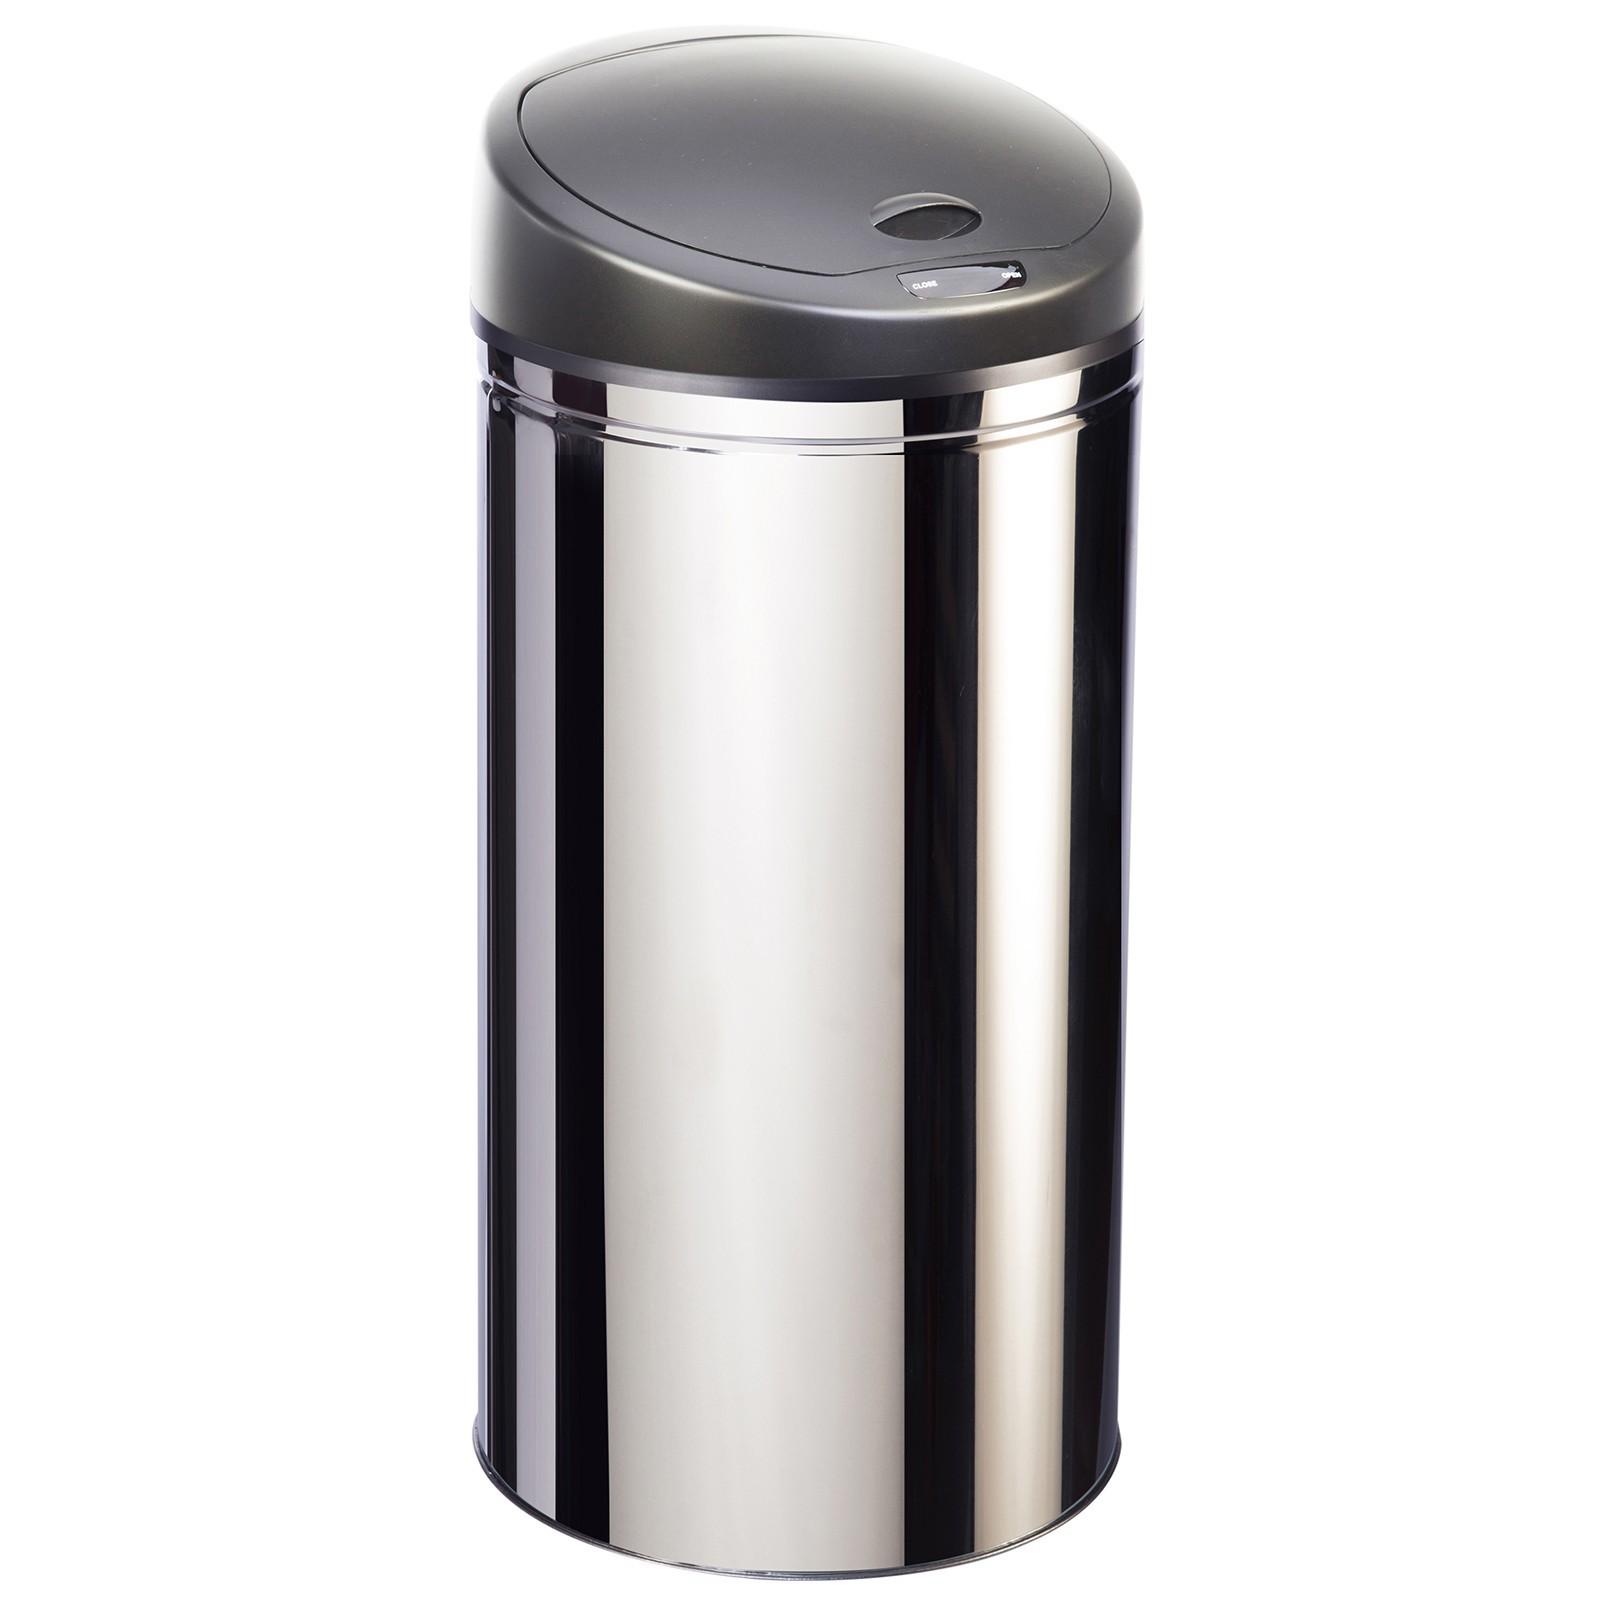 poubelle à ouverture automatique en inox 50l - upsense inox 50l